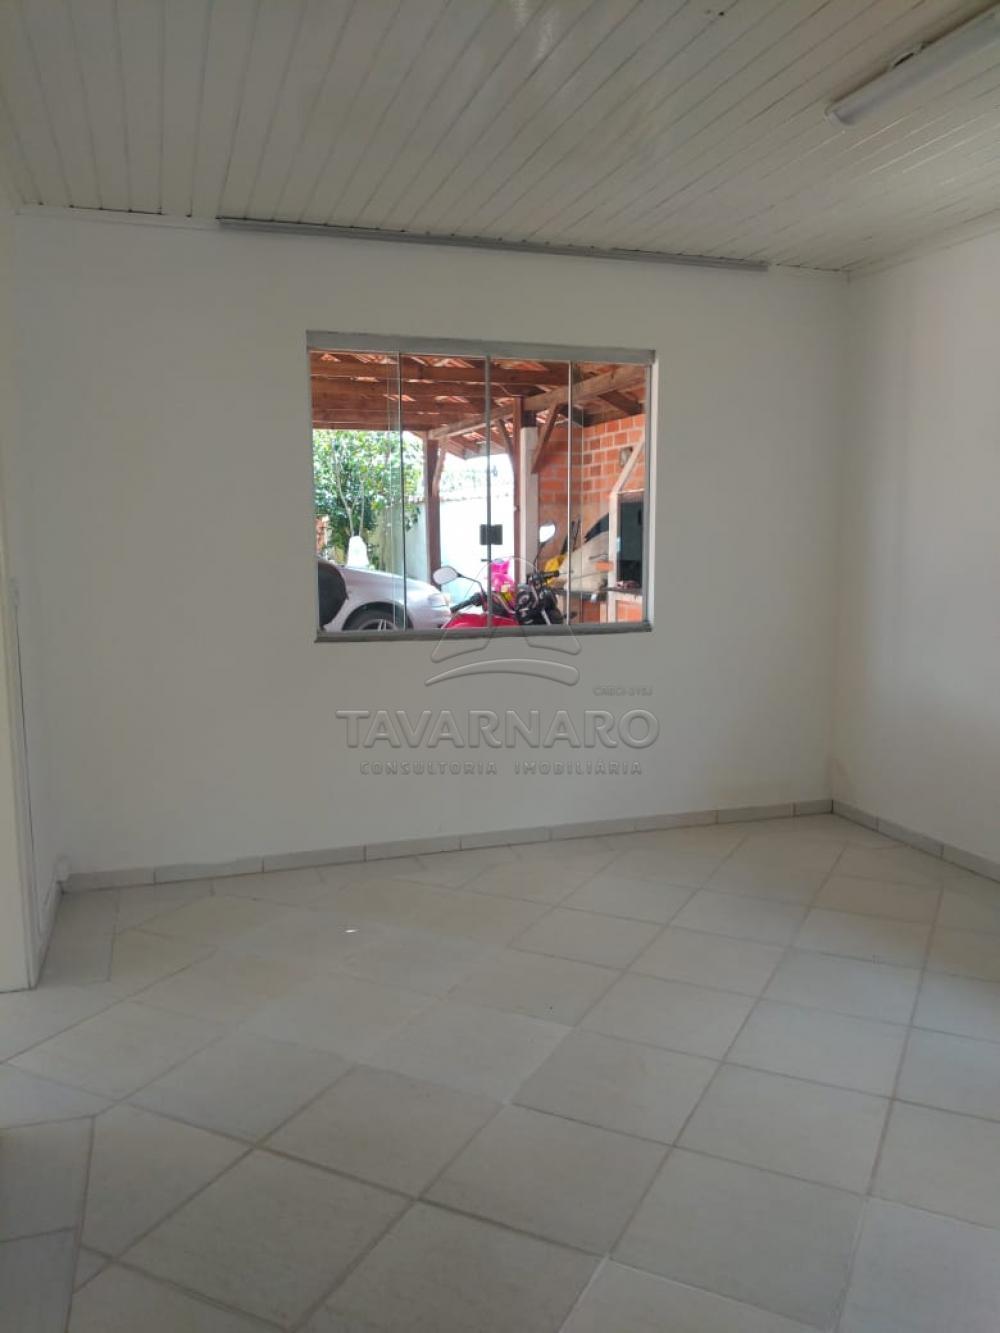 Alugar Casa / Comercial em Carambeí apenas R$ 1.700,00 - Foto 8